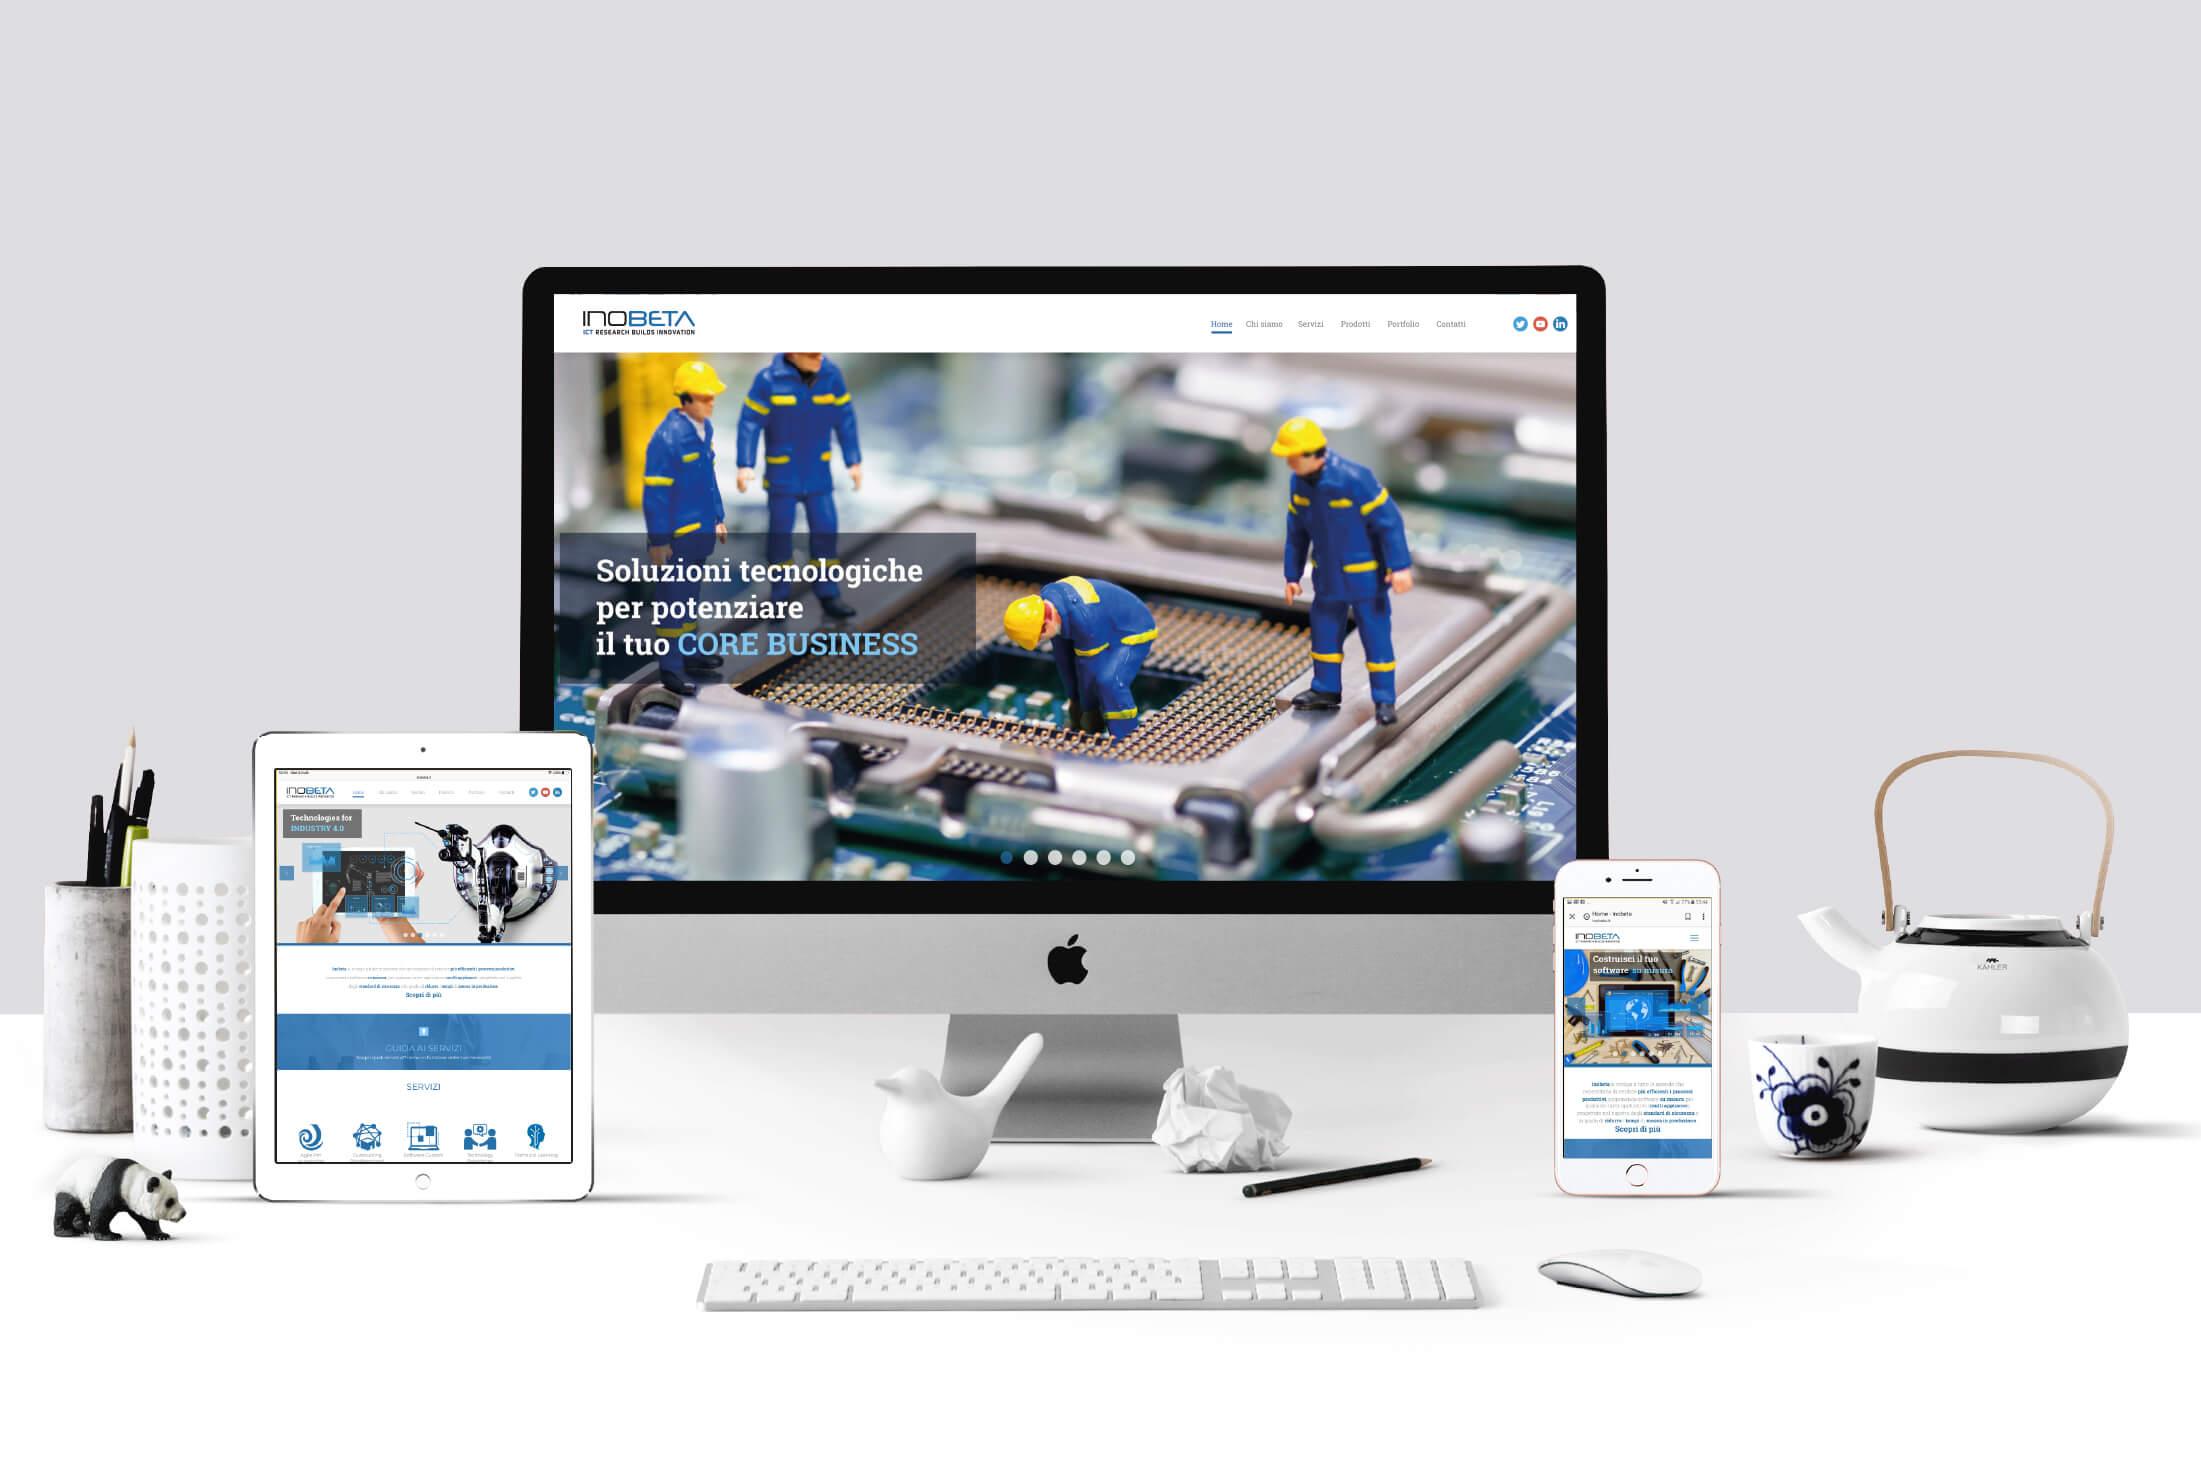 Sito web - Portfolio - Be Comunicazioni - Pubblicità e Marketing - Inobeta - Cover